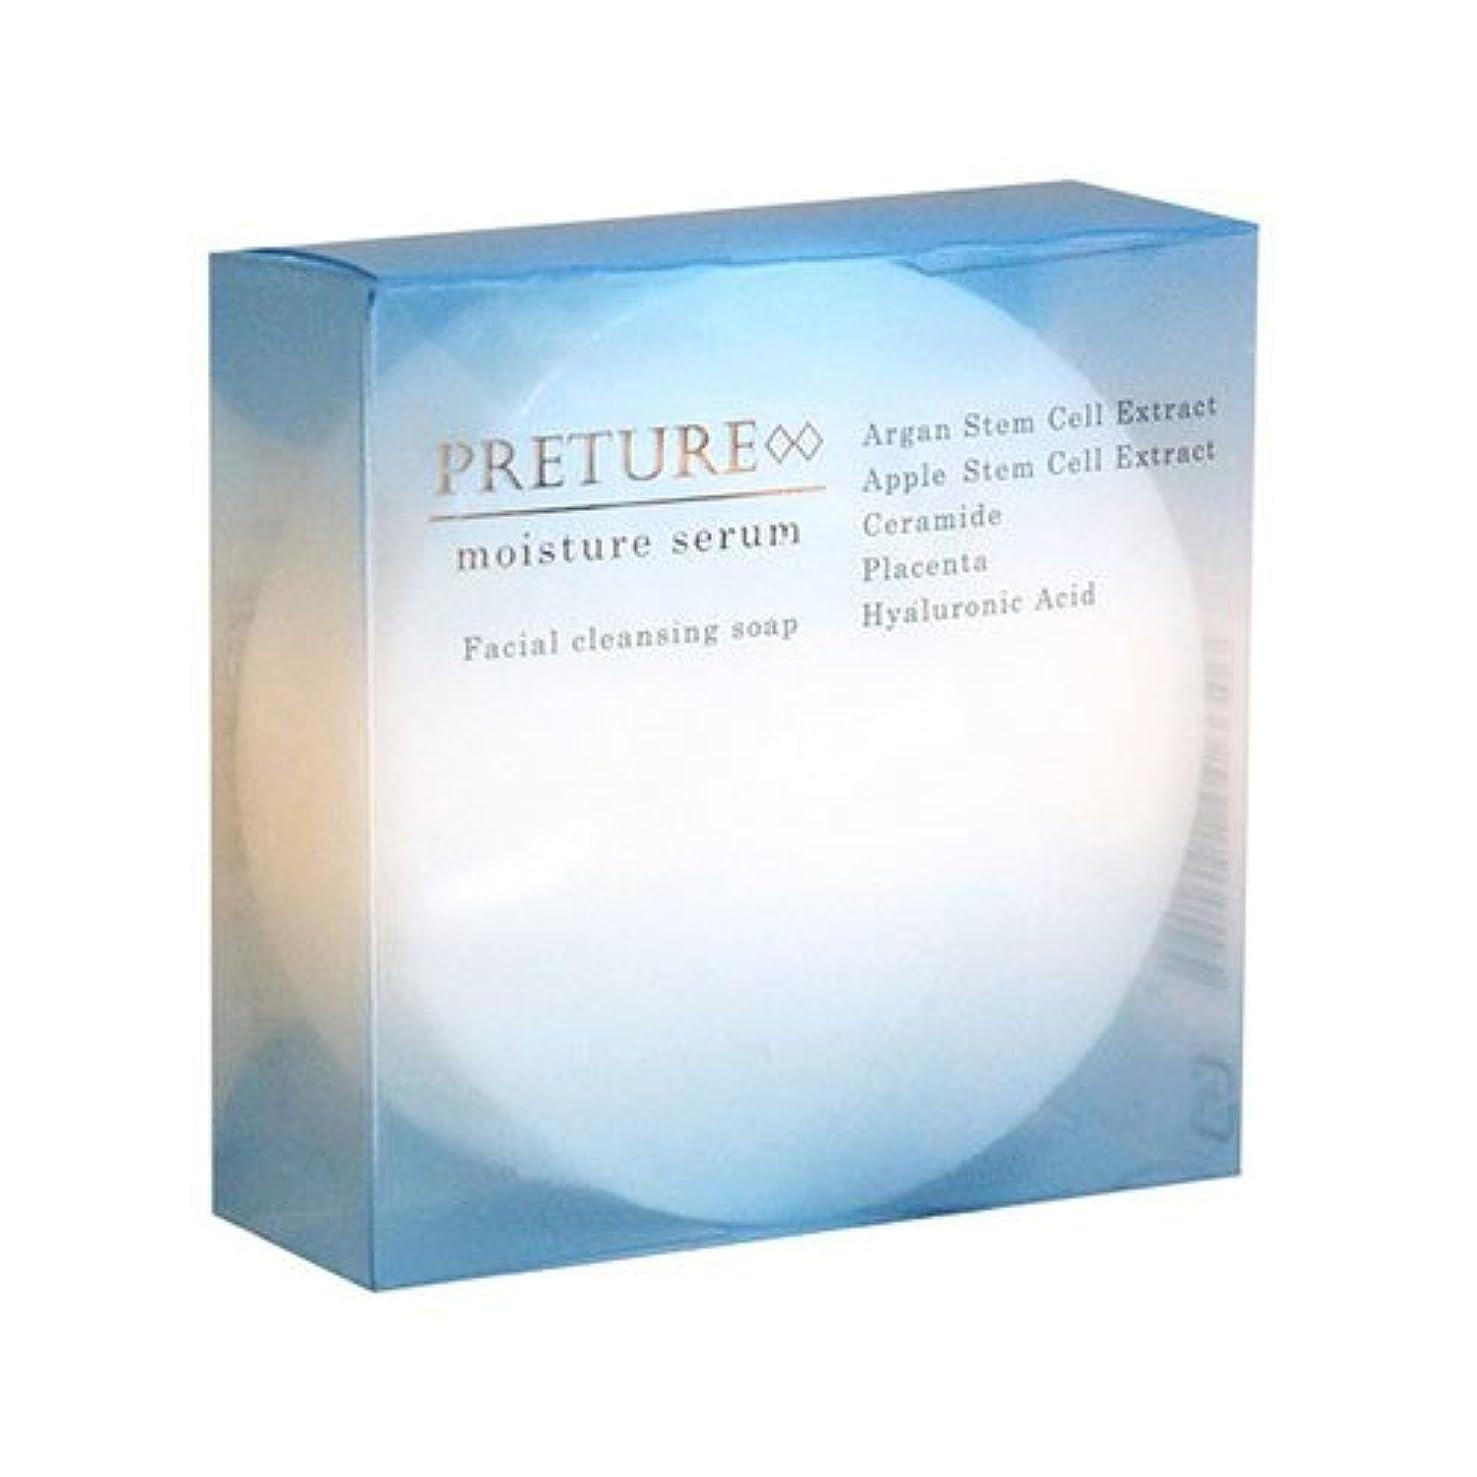 冷える地下室可能【お買い得】コスメプロ プレチュア 洗顔ソープ 100g